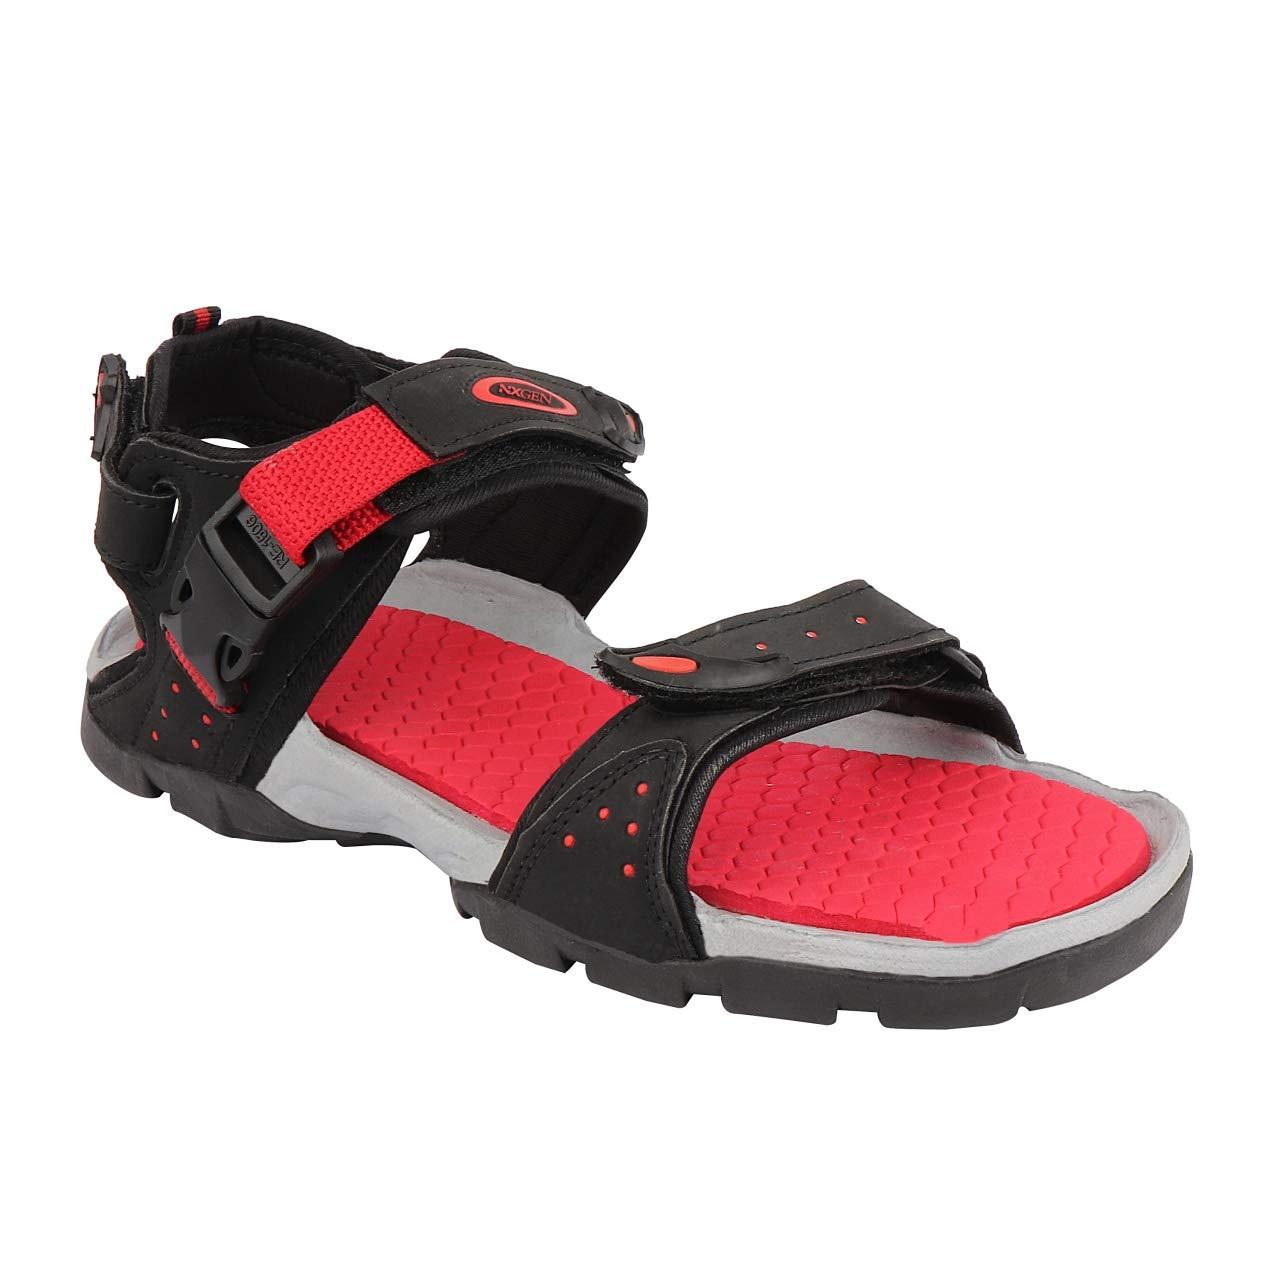 97a98c1cfd7b NXGEN Men s Atheletic   Outdoor Sandals